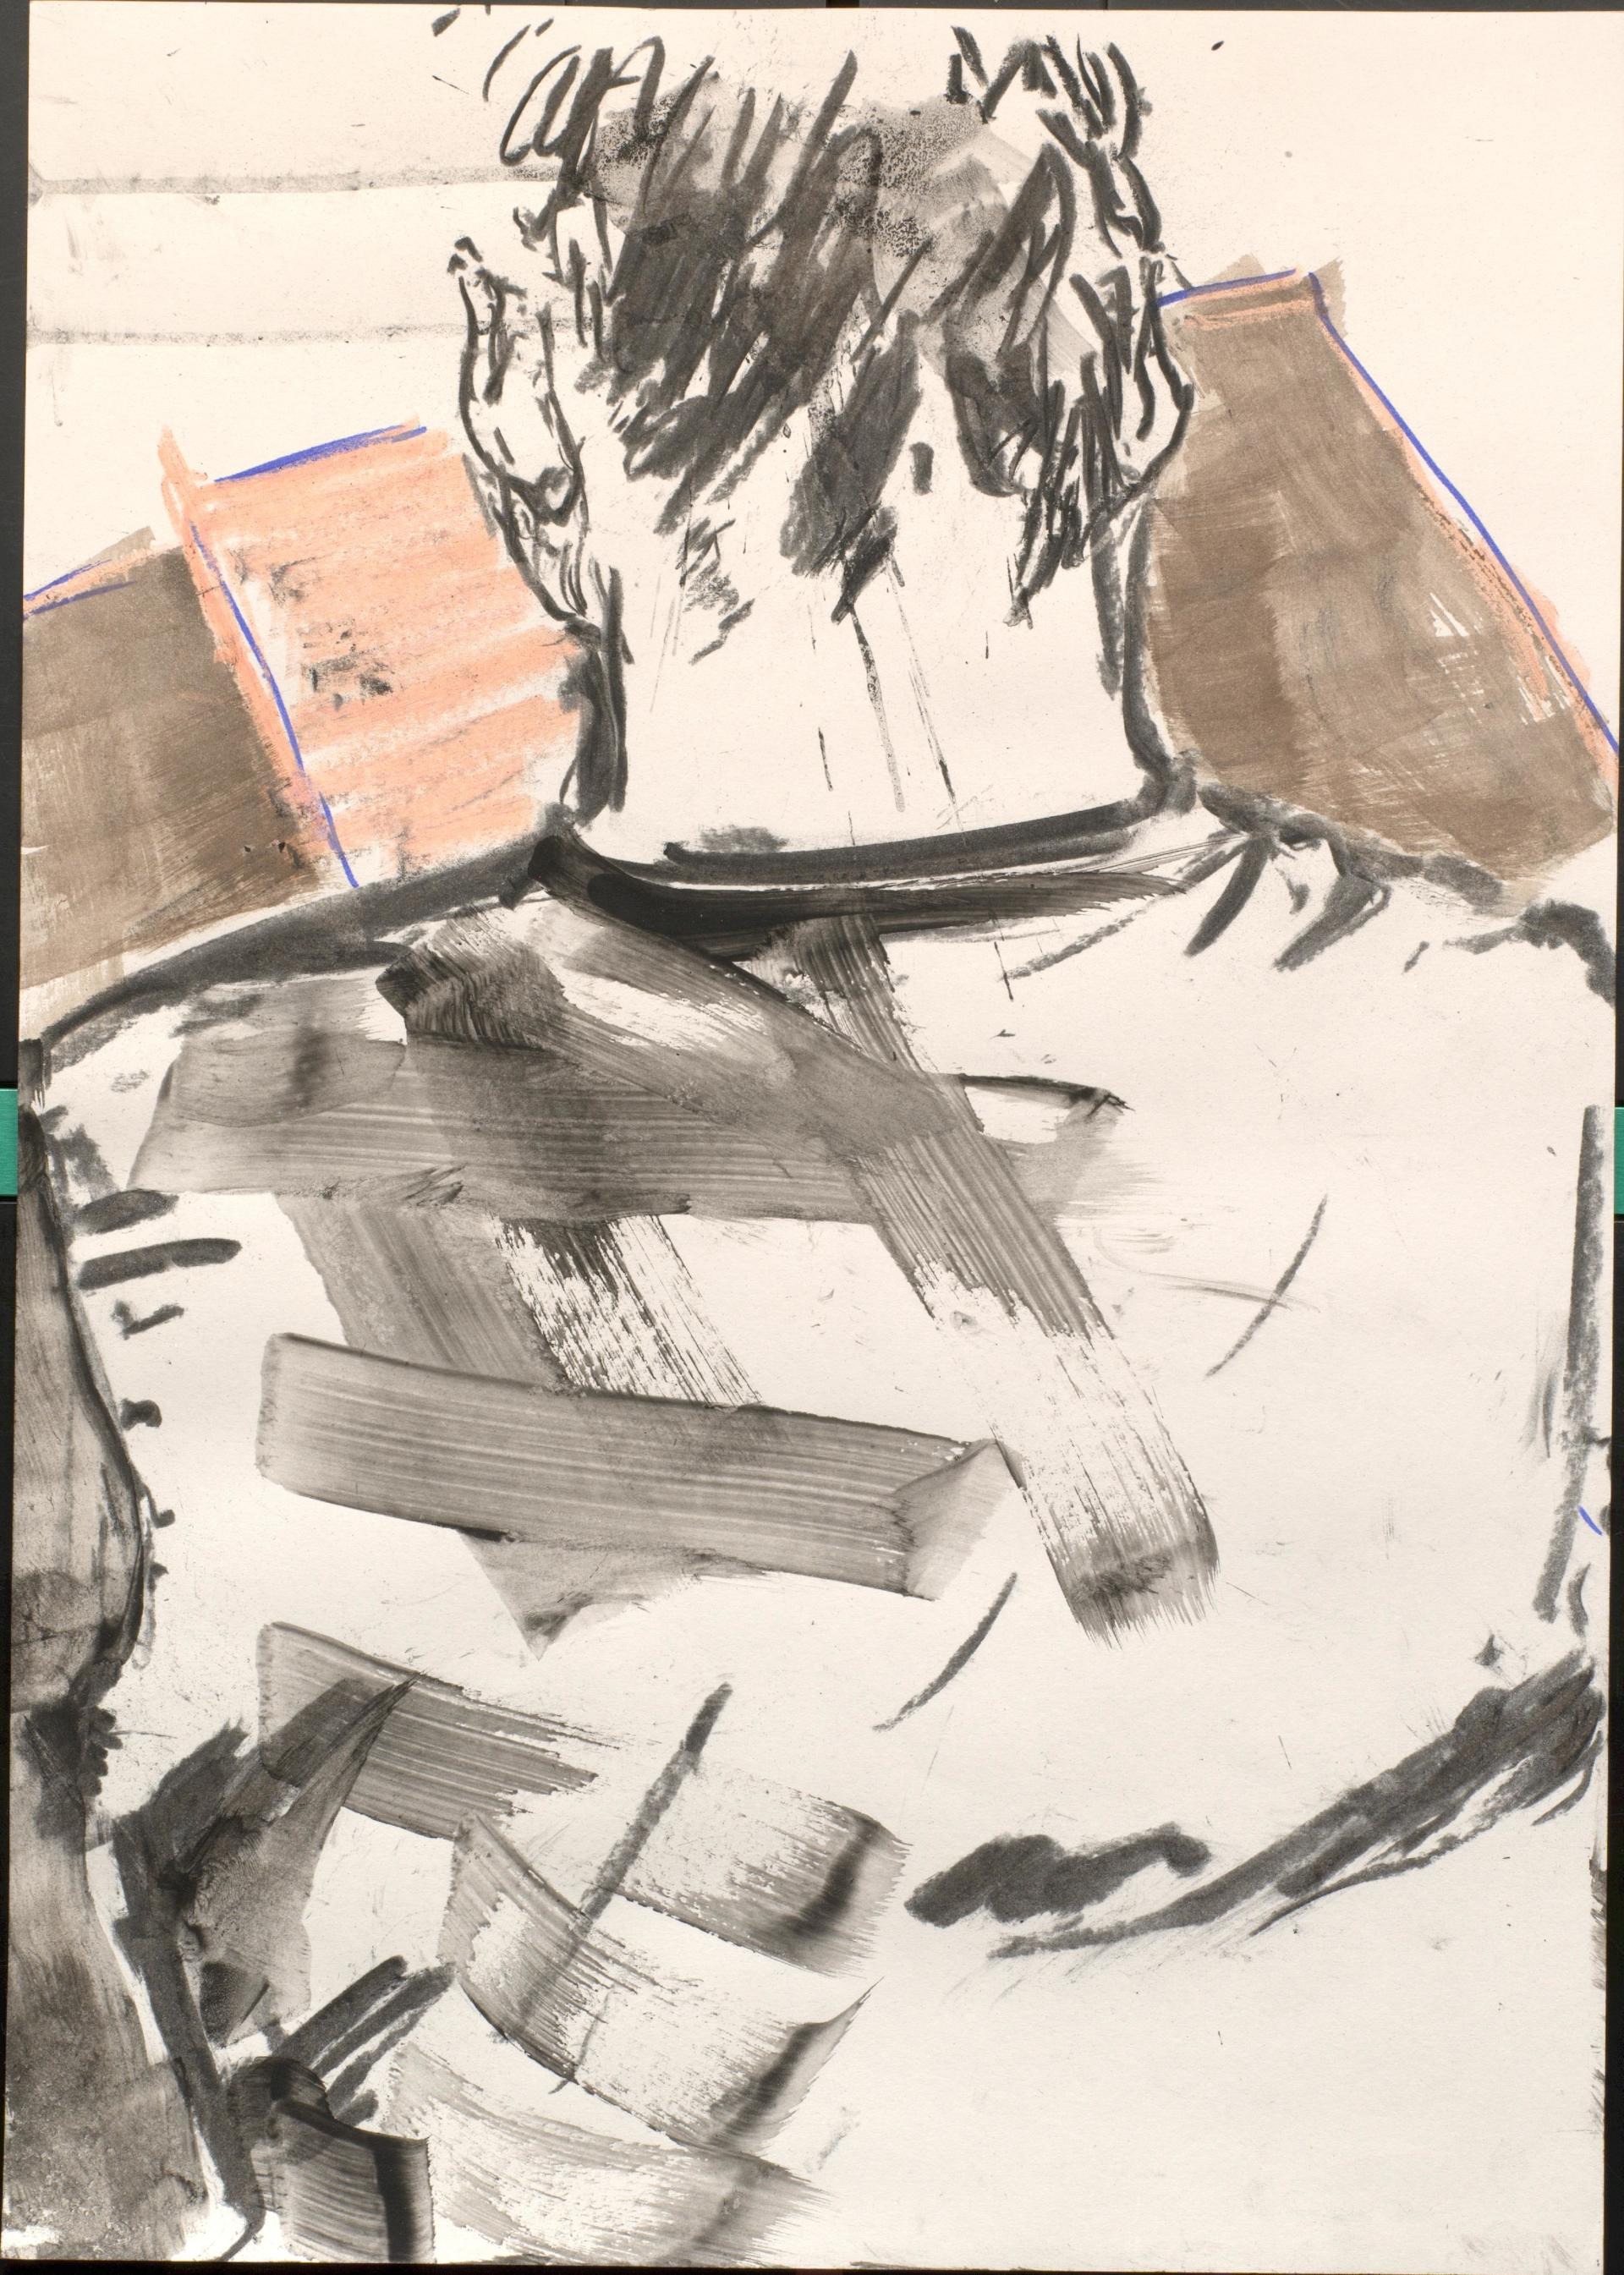 laboratorium haus 1 Heiko Wennesz grafik 1b-der Zeichner